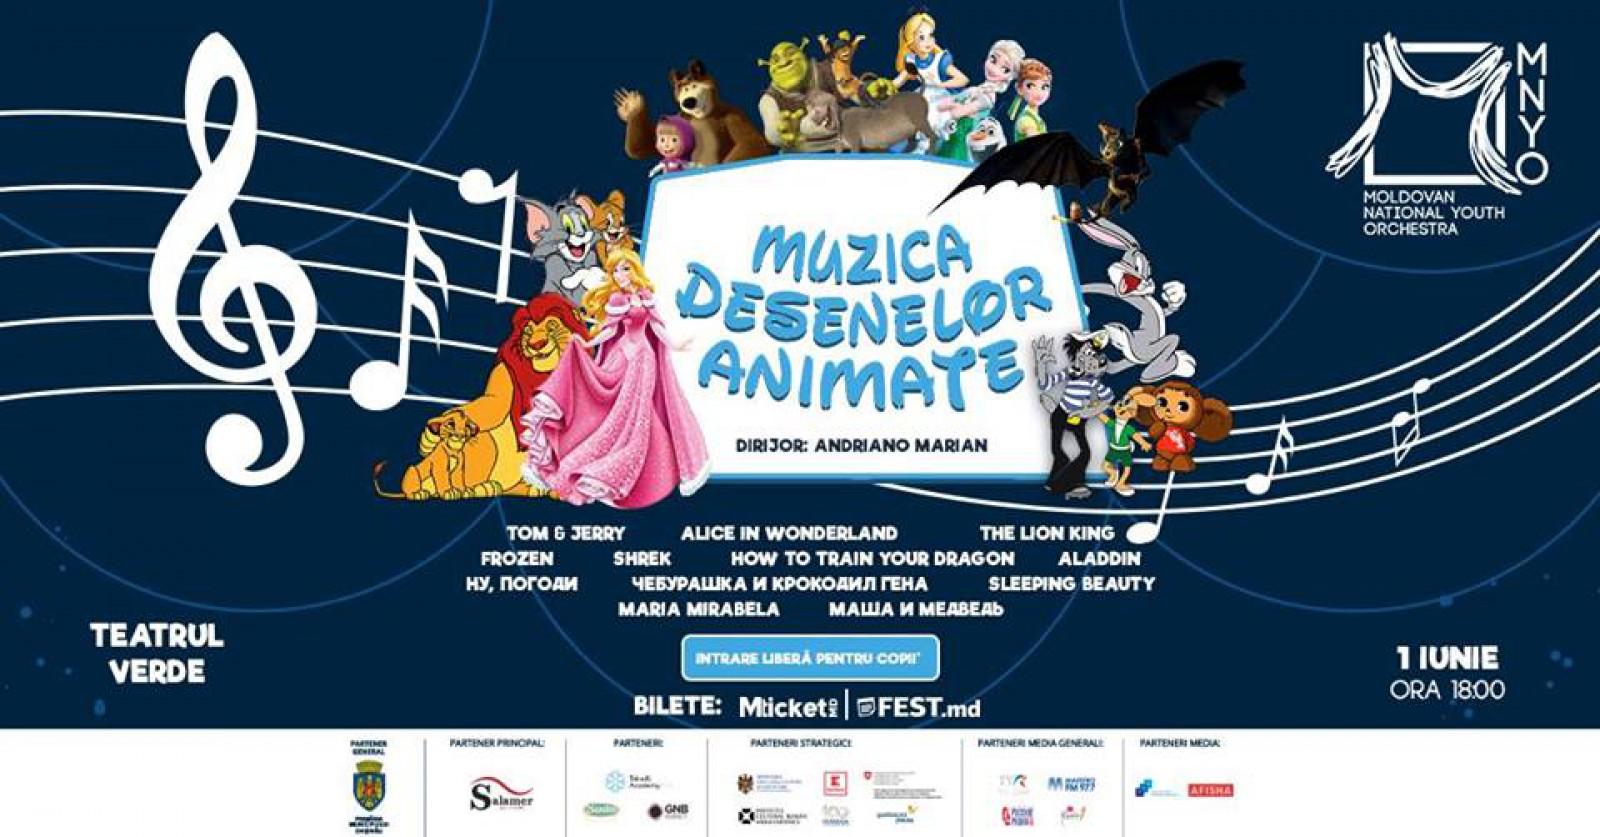 Feeria muzicii și desenelor animate se face simțită la Teatrul Verde de Ziua Internațională a Copiilor